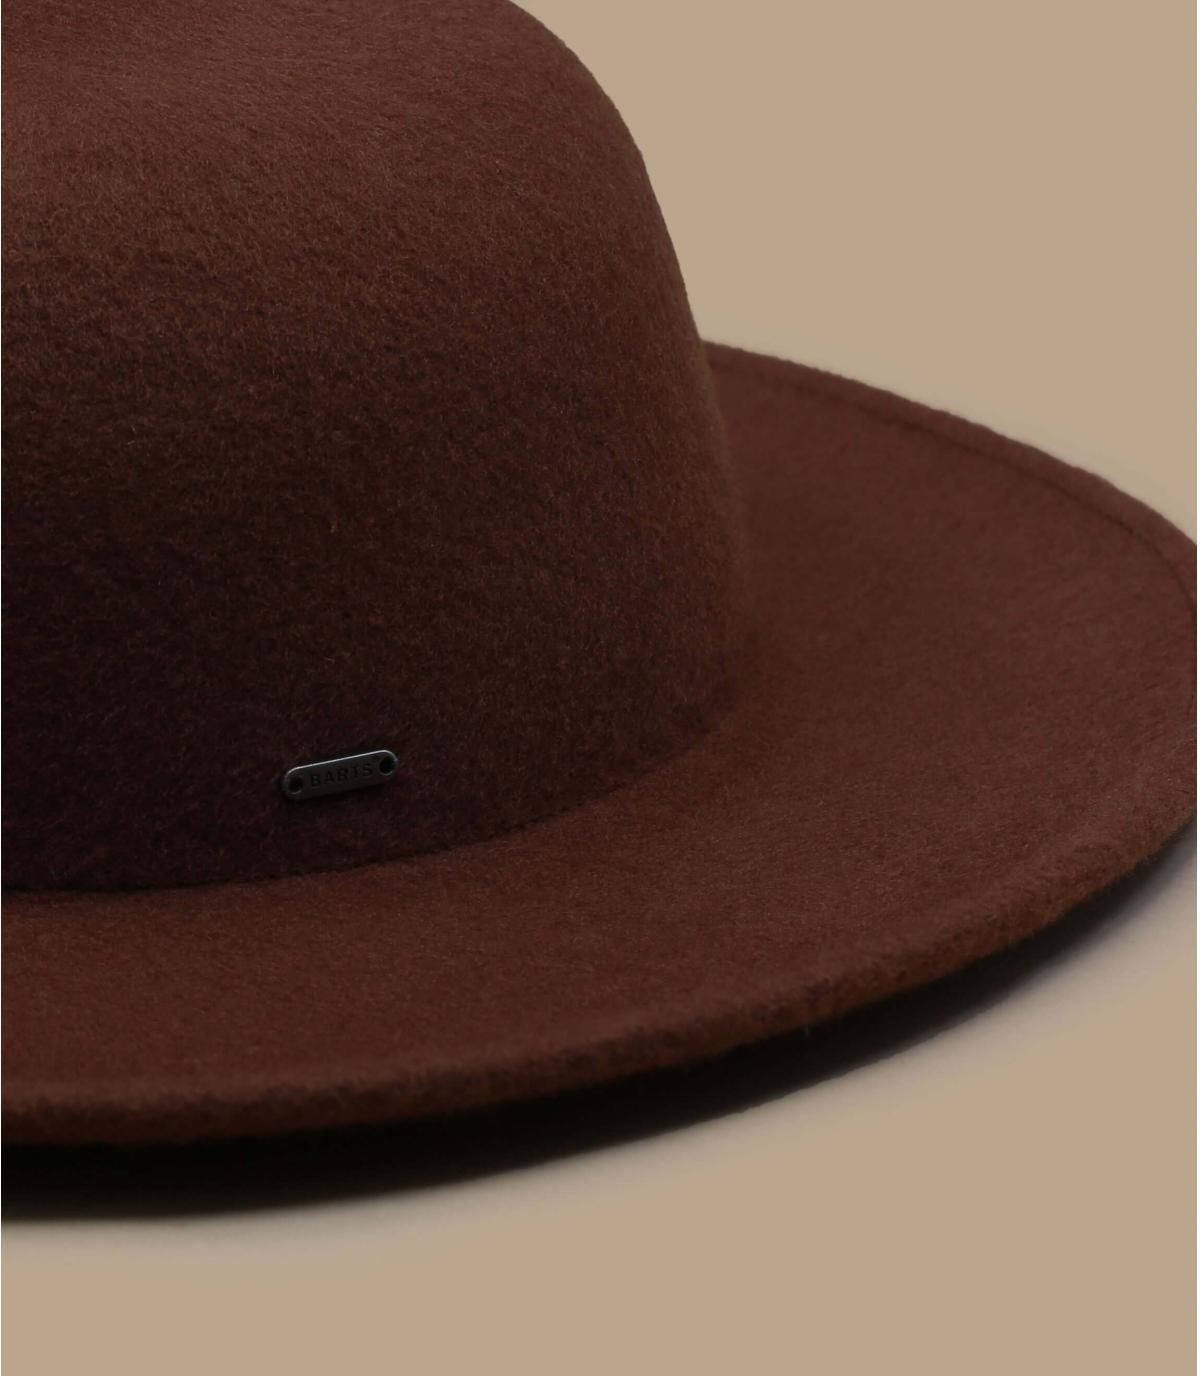 Detalles Noleta Hat brown imagen 2